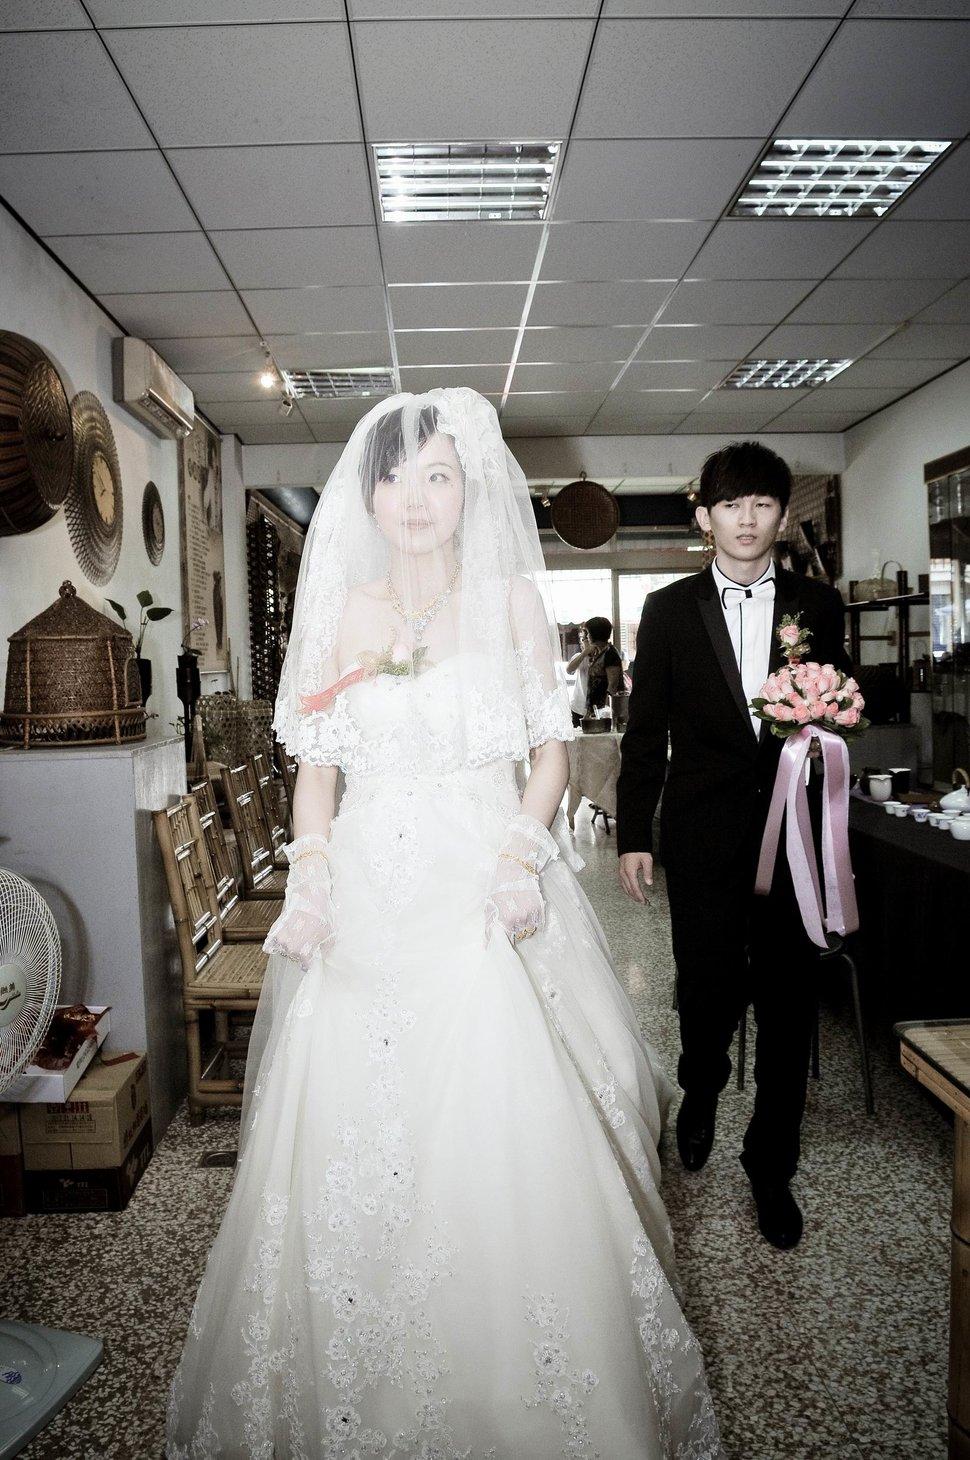 台中天野養生餐廳婚禮記錄婚禮記錄動態微電影錄影專業錄影平面攝影(編號:196434) - 蜜月拍照10800錄影12800攝影團隊 - 結婚吧